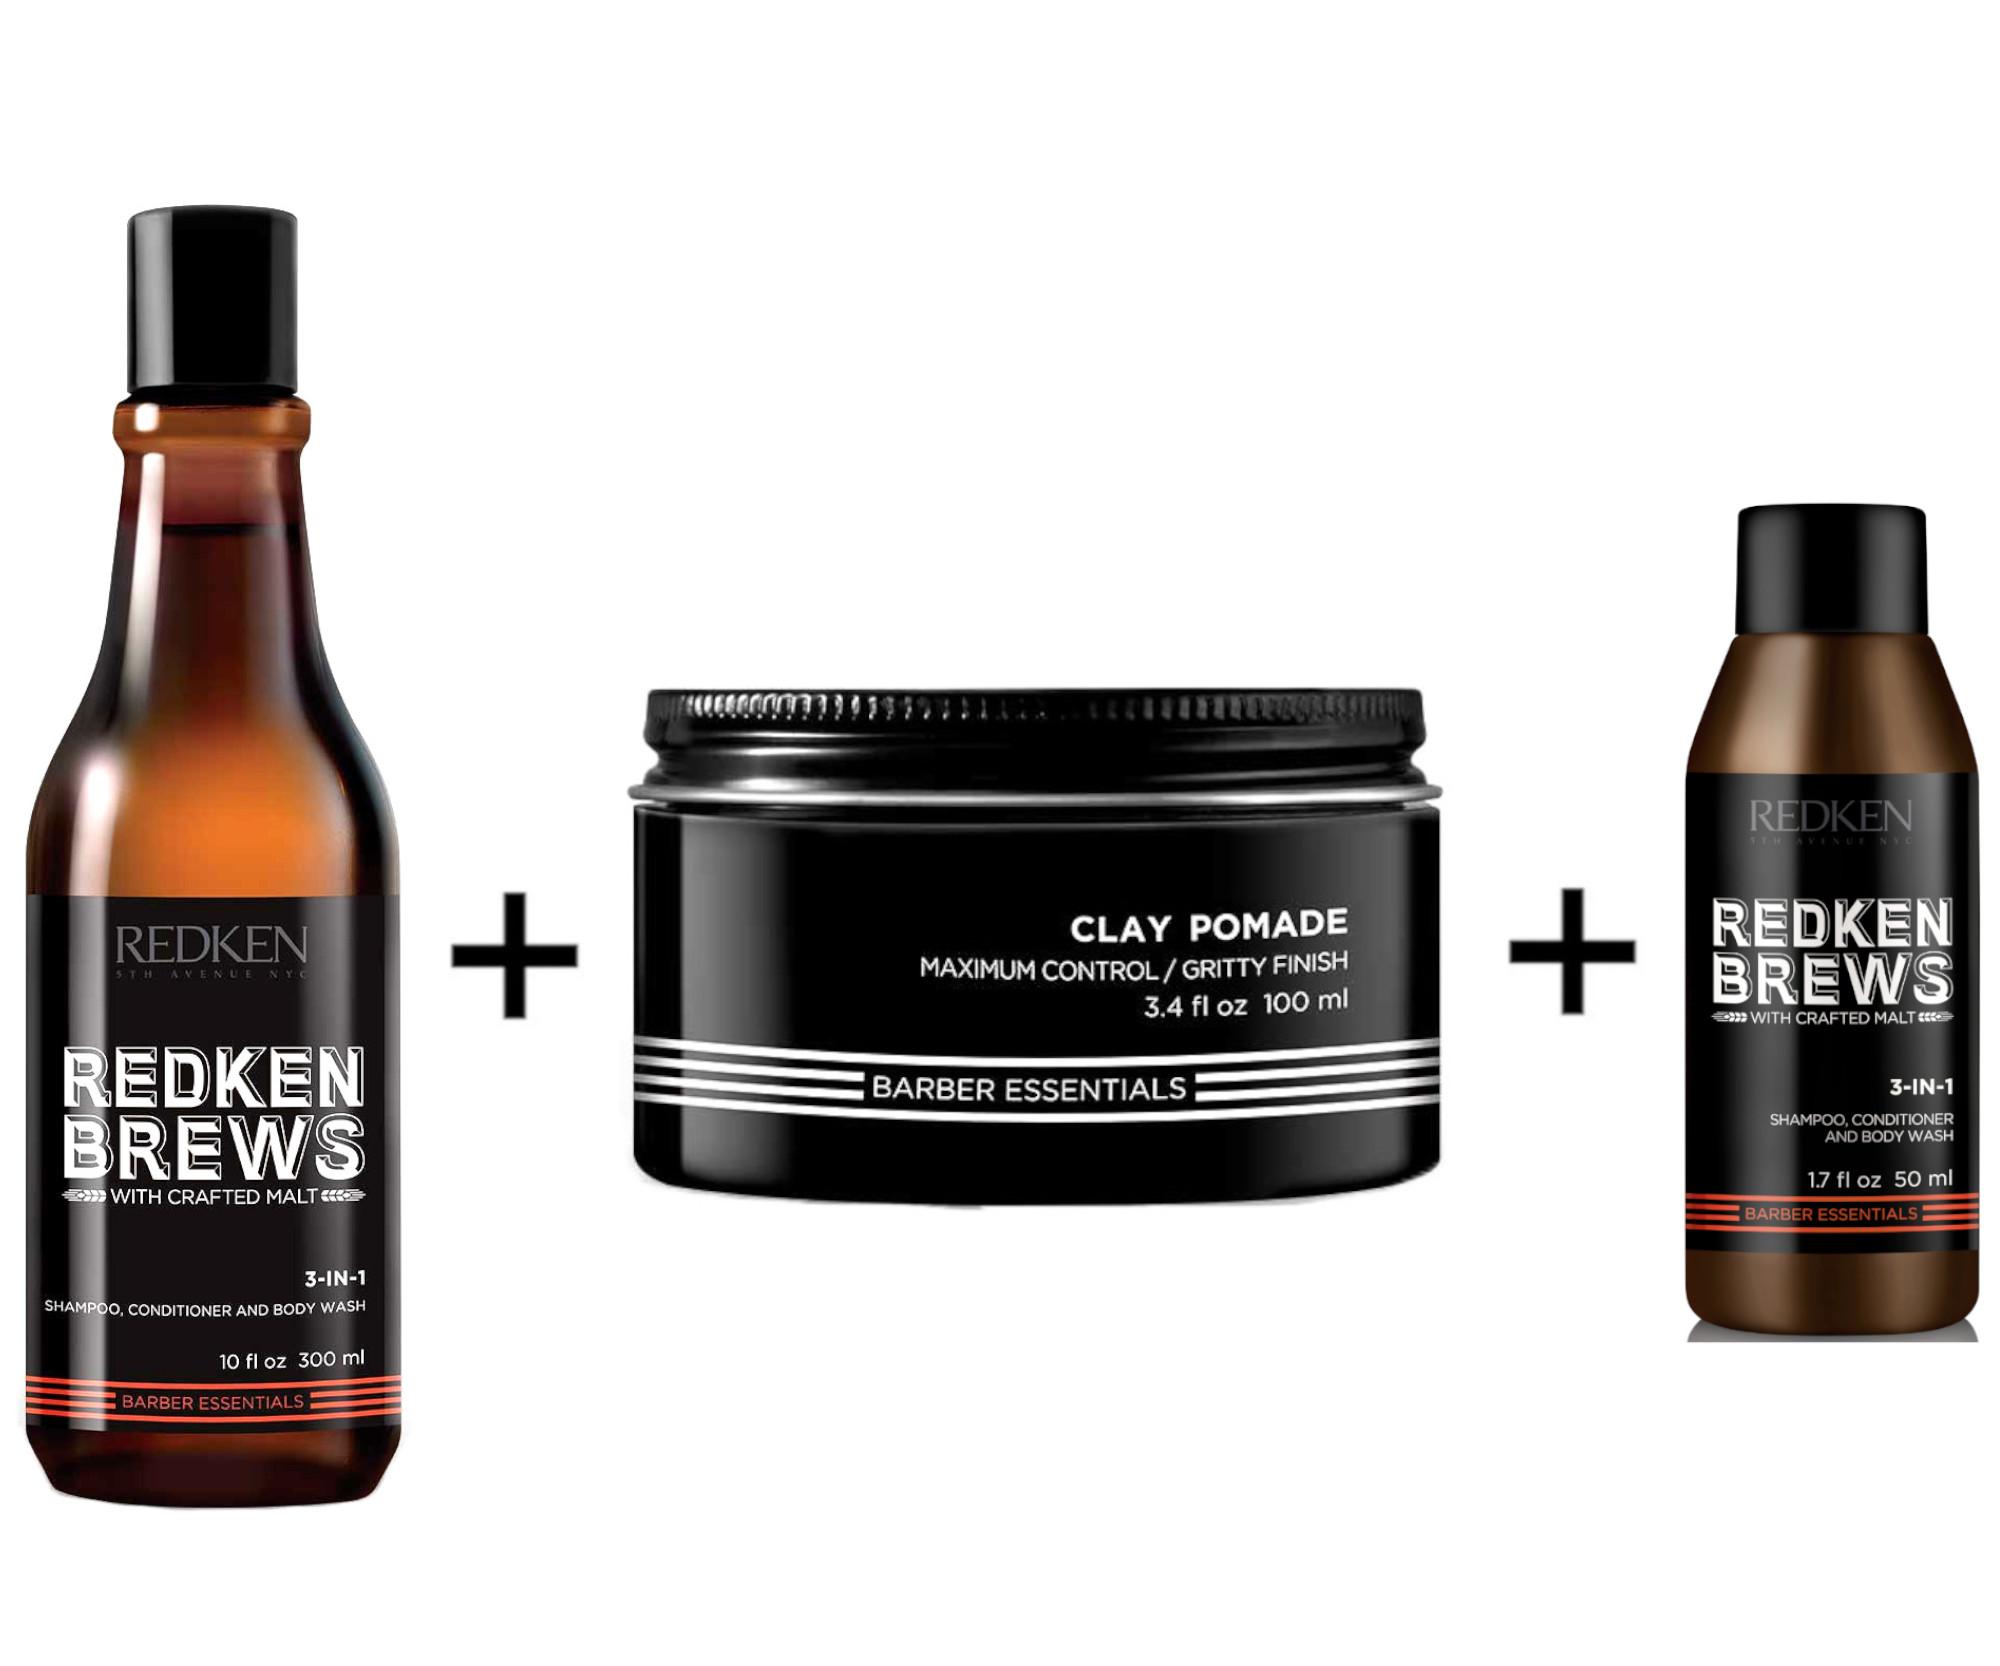 Pánská sada Redken Brews - čistící šampon 3v1 + matující hlína + čistící šampon 3v1 ZDARMA + DÁREK ZDARMA